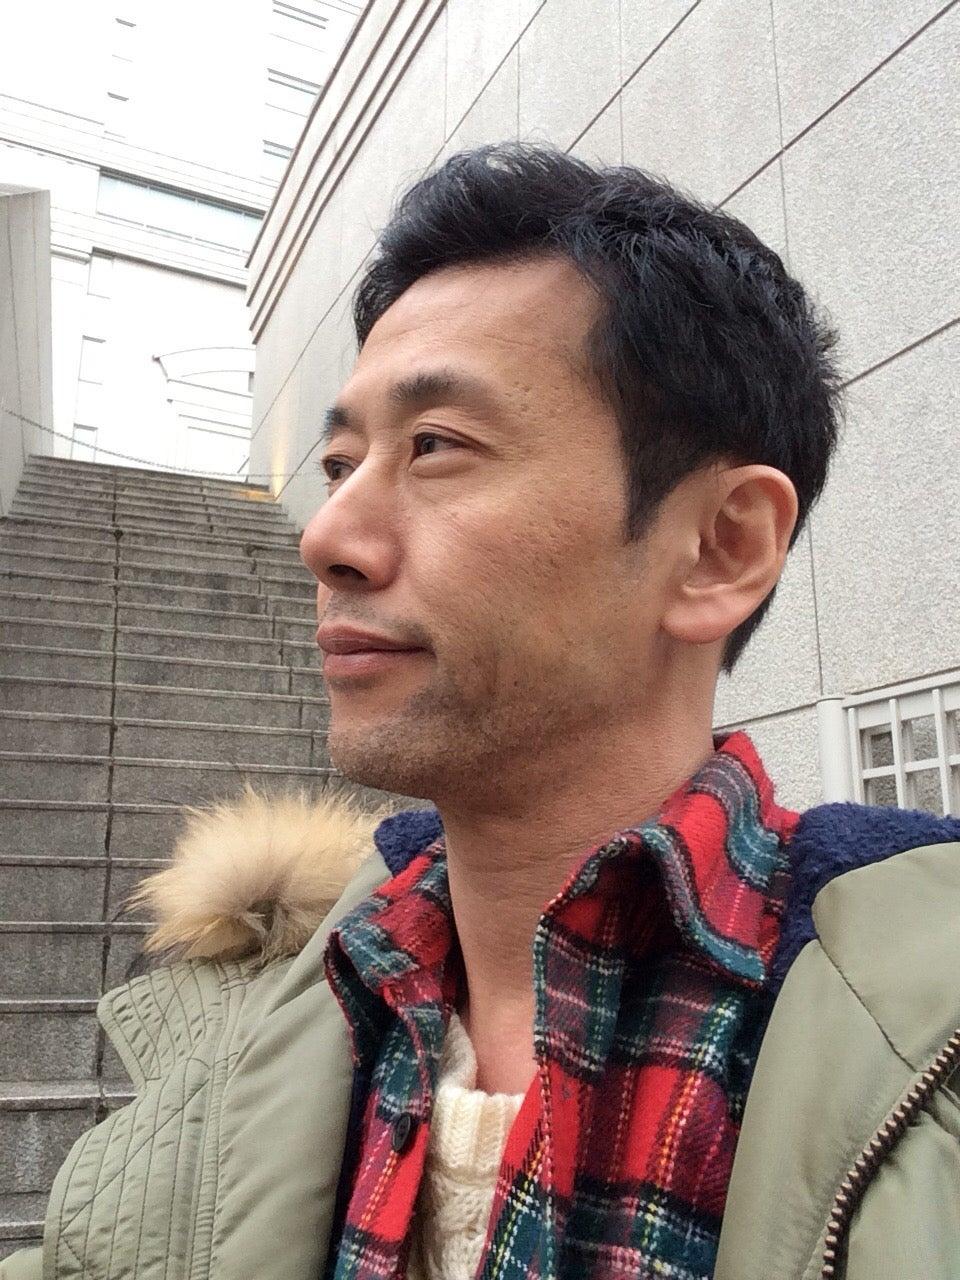 【芸能】大浦龍宇一、自身と息子を「事故物件」と言われ、悔しさつづる